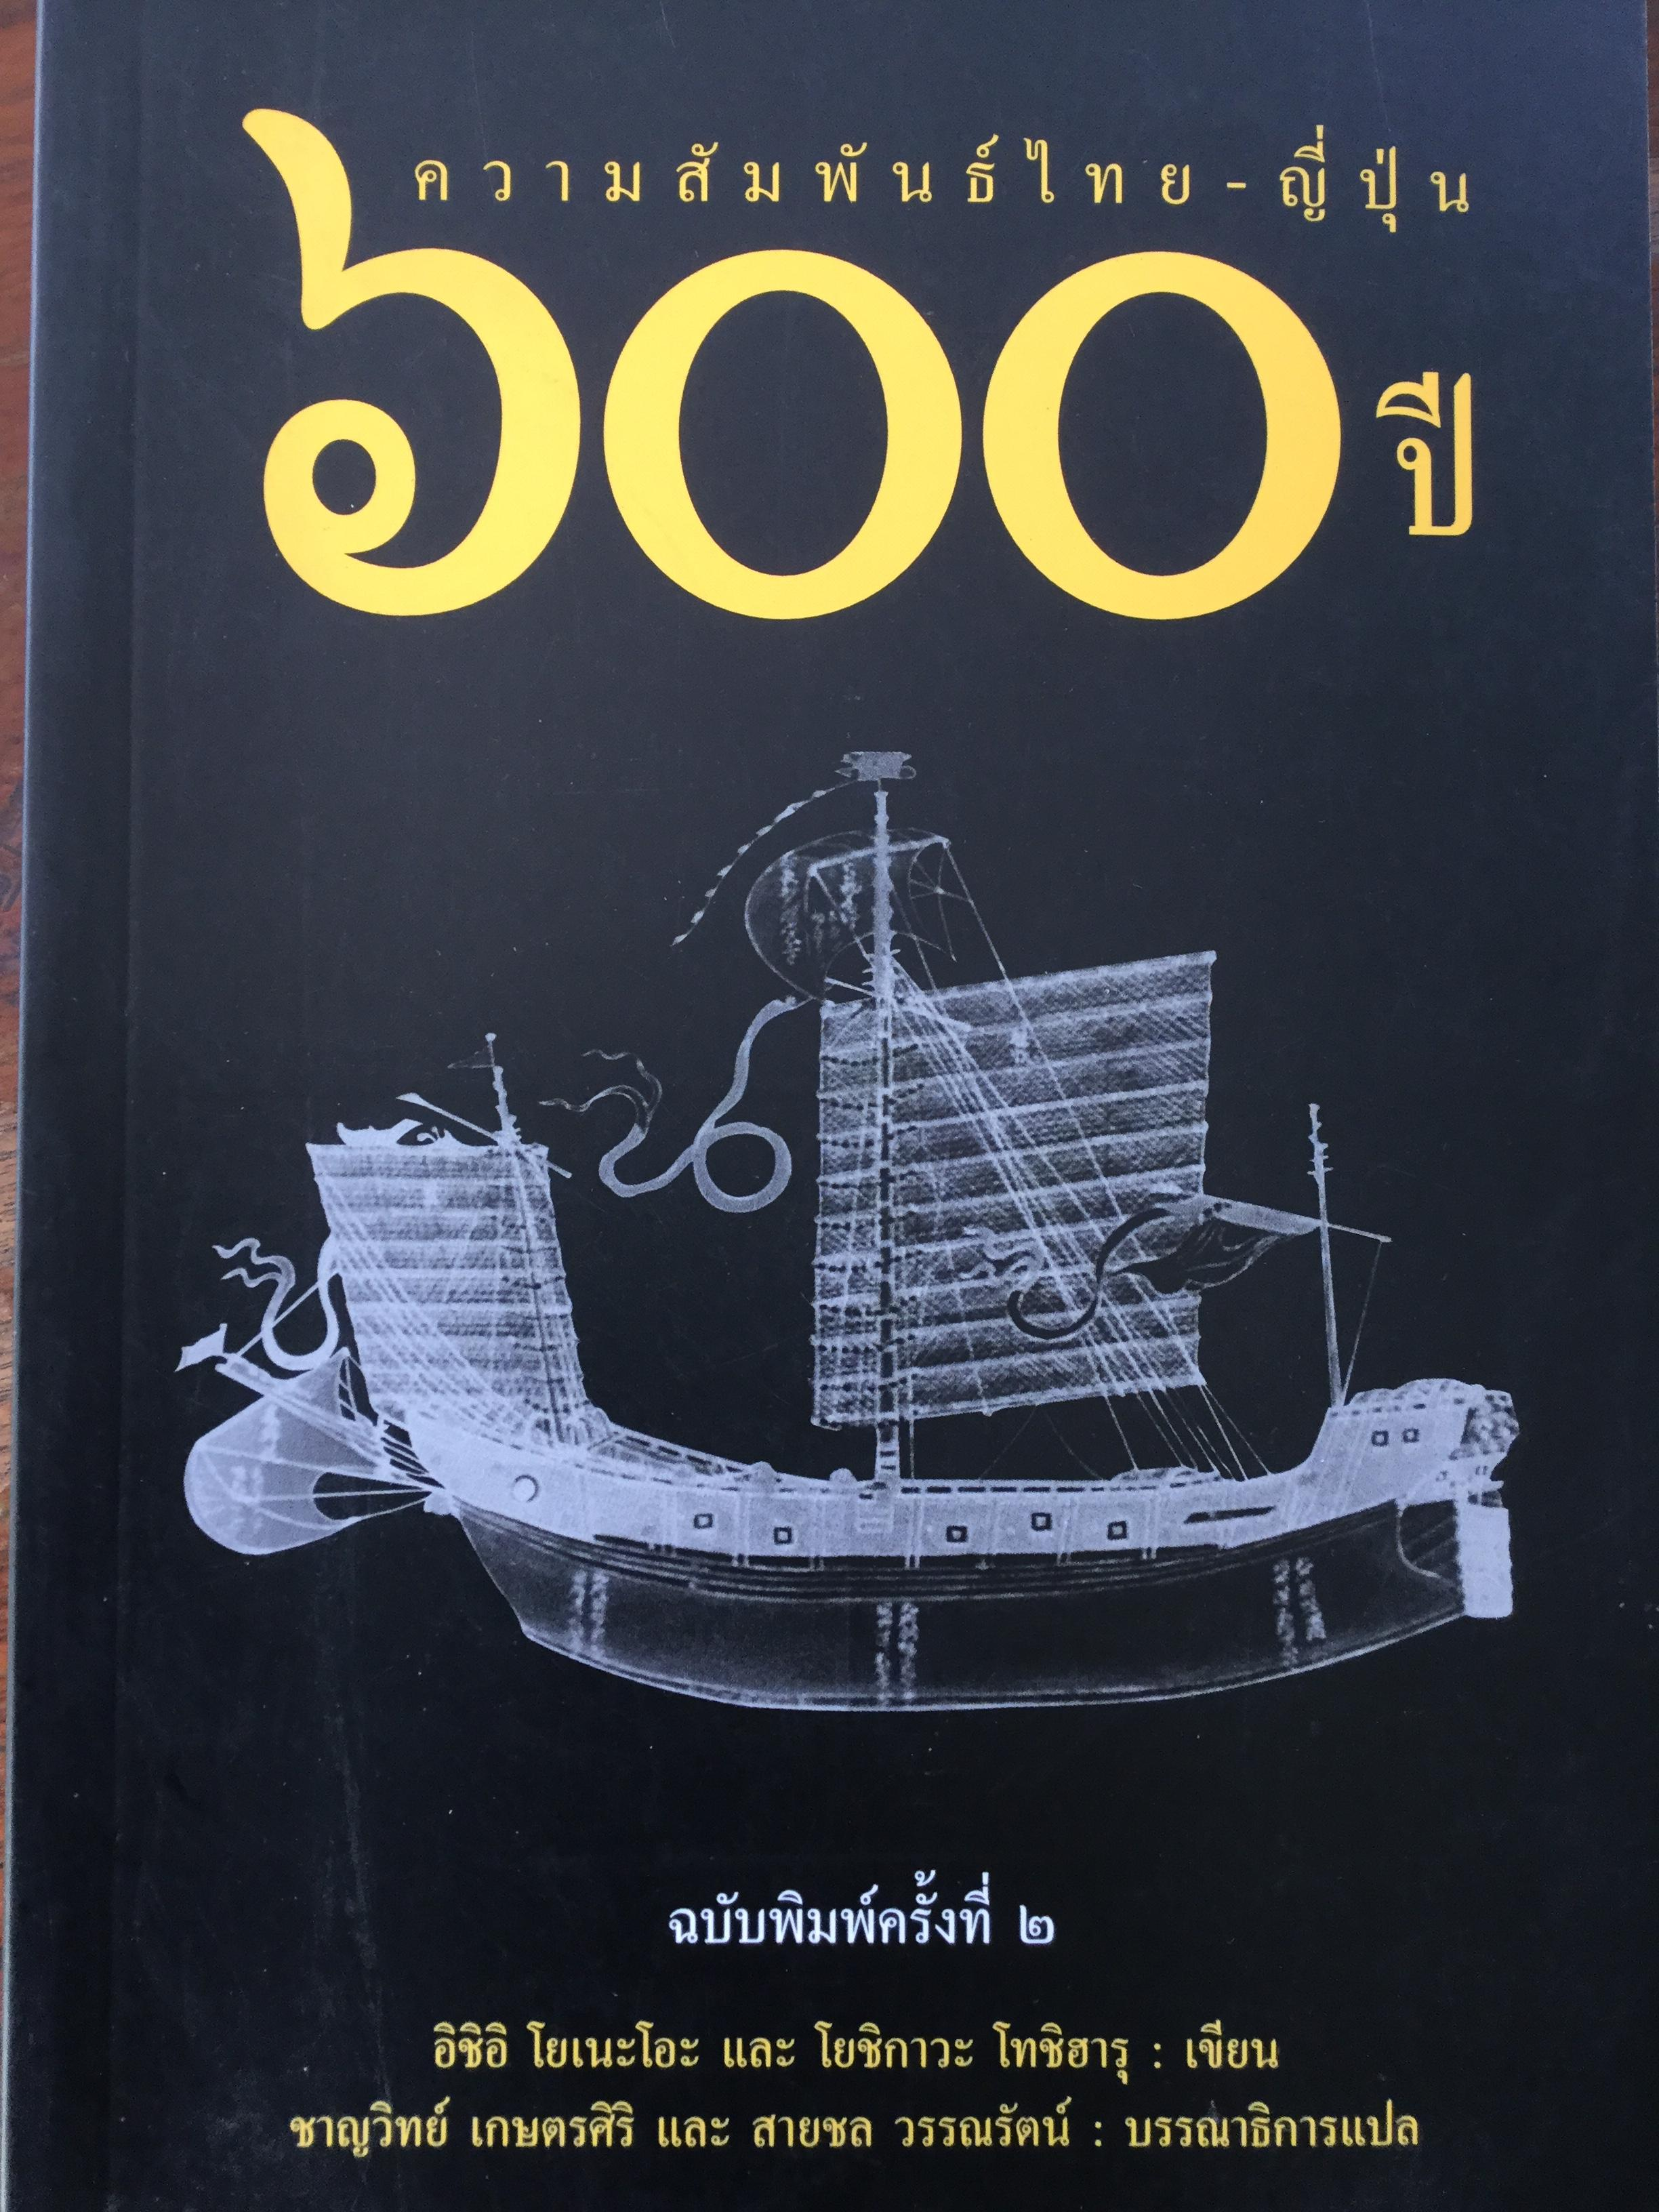 ความสัมไทย-ญี่ปุ่น 600 ปี ฉบับพิมพ์ครั้งที่ 2. ผู้เขียน อิชิอิ โยเนะโอะ และ โยชิกาวะ โทชิฮารุ. บรรณาธิการแปล ชาญวิทย์ เกษตรศิริ และ สายชล วรรณรัตน์